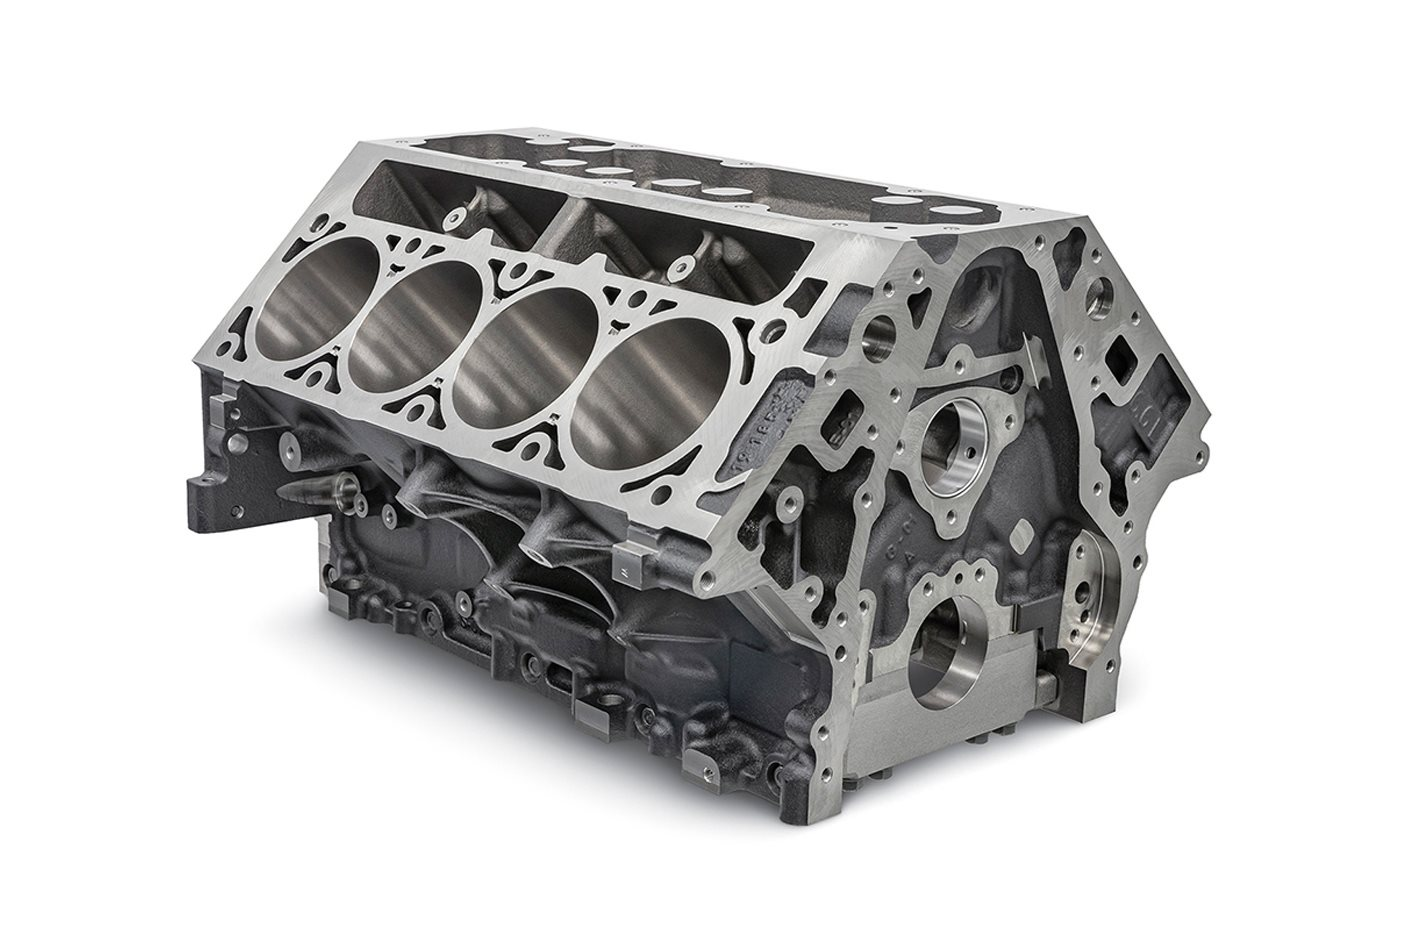 General Motors 6.6L L8T engine